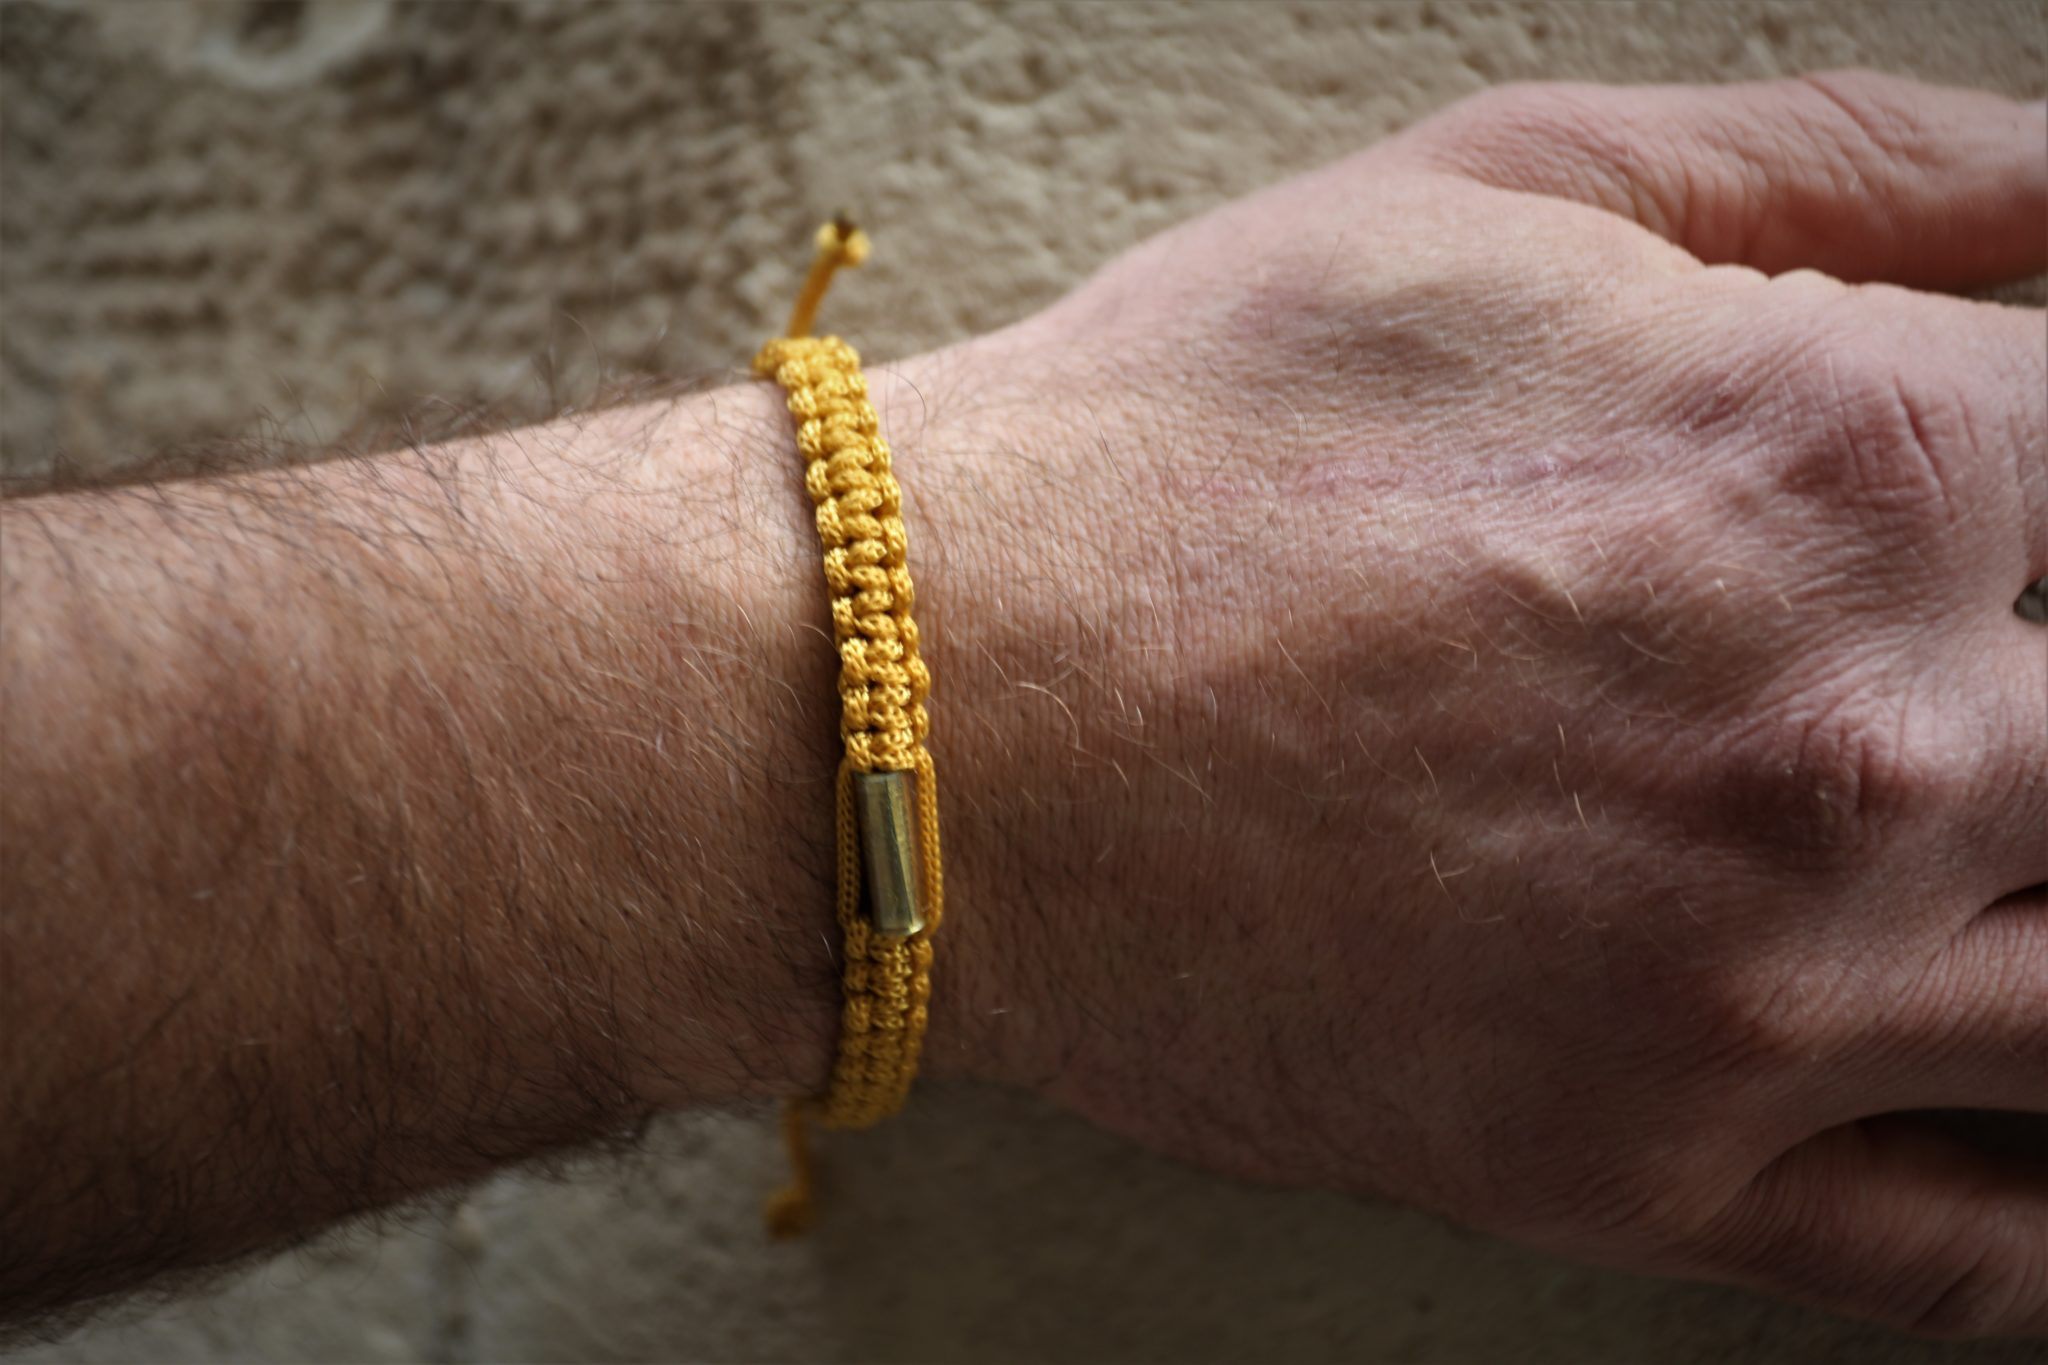 bracelet-thai-takut-protection